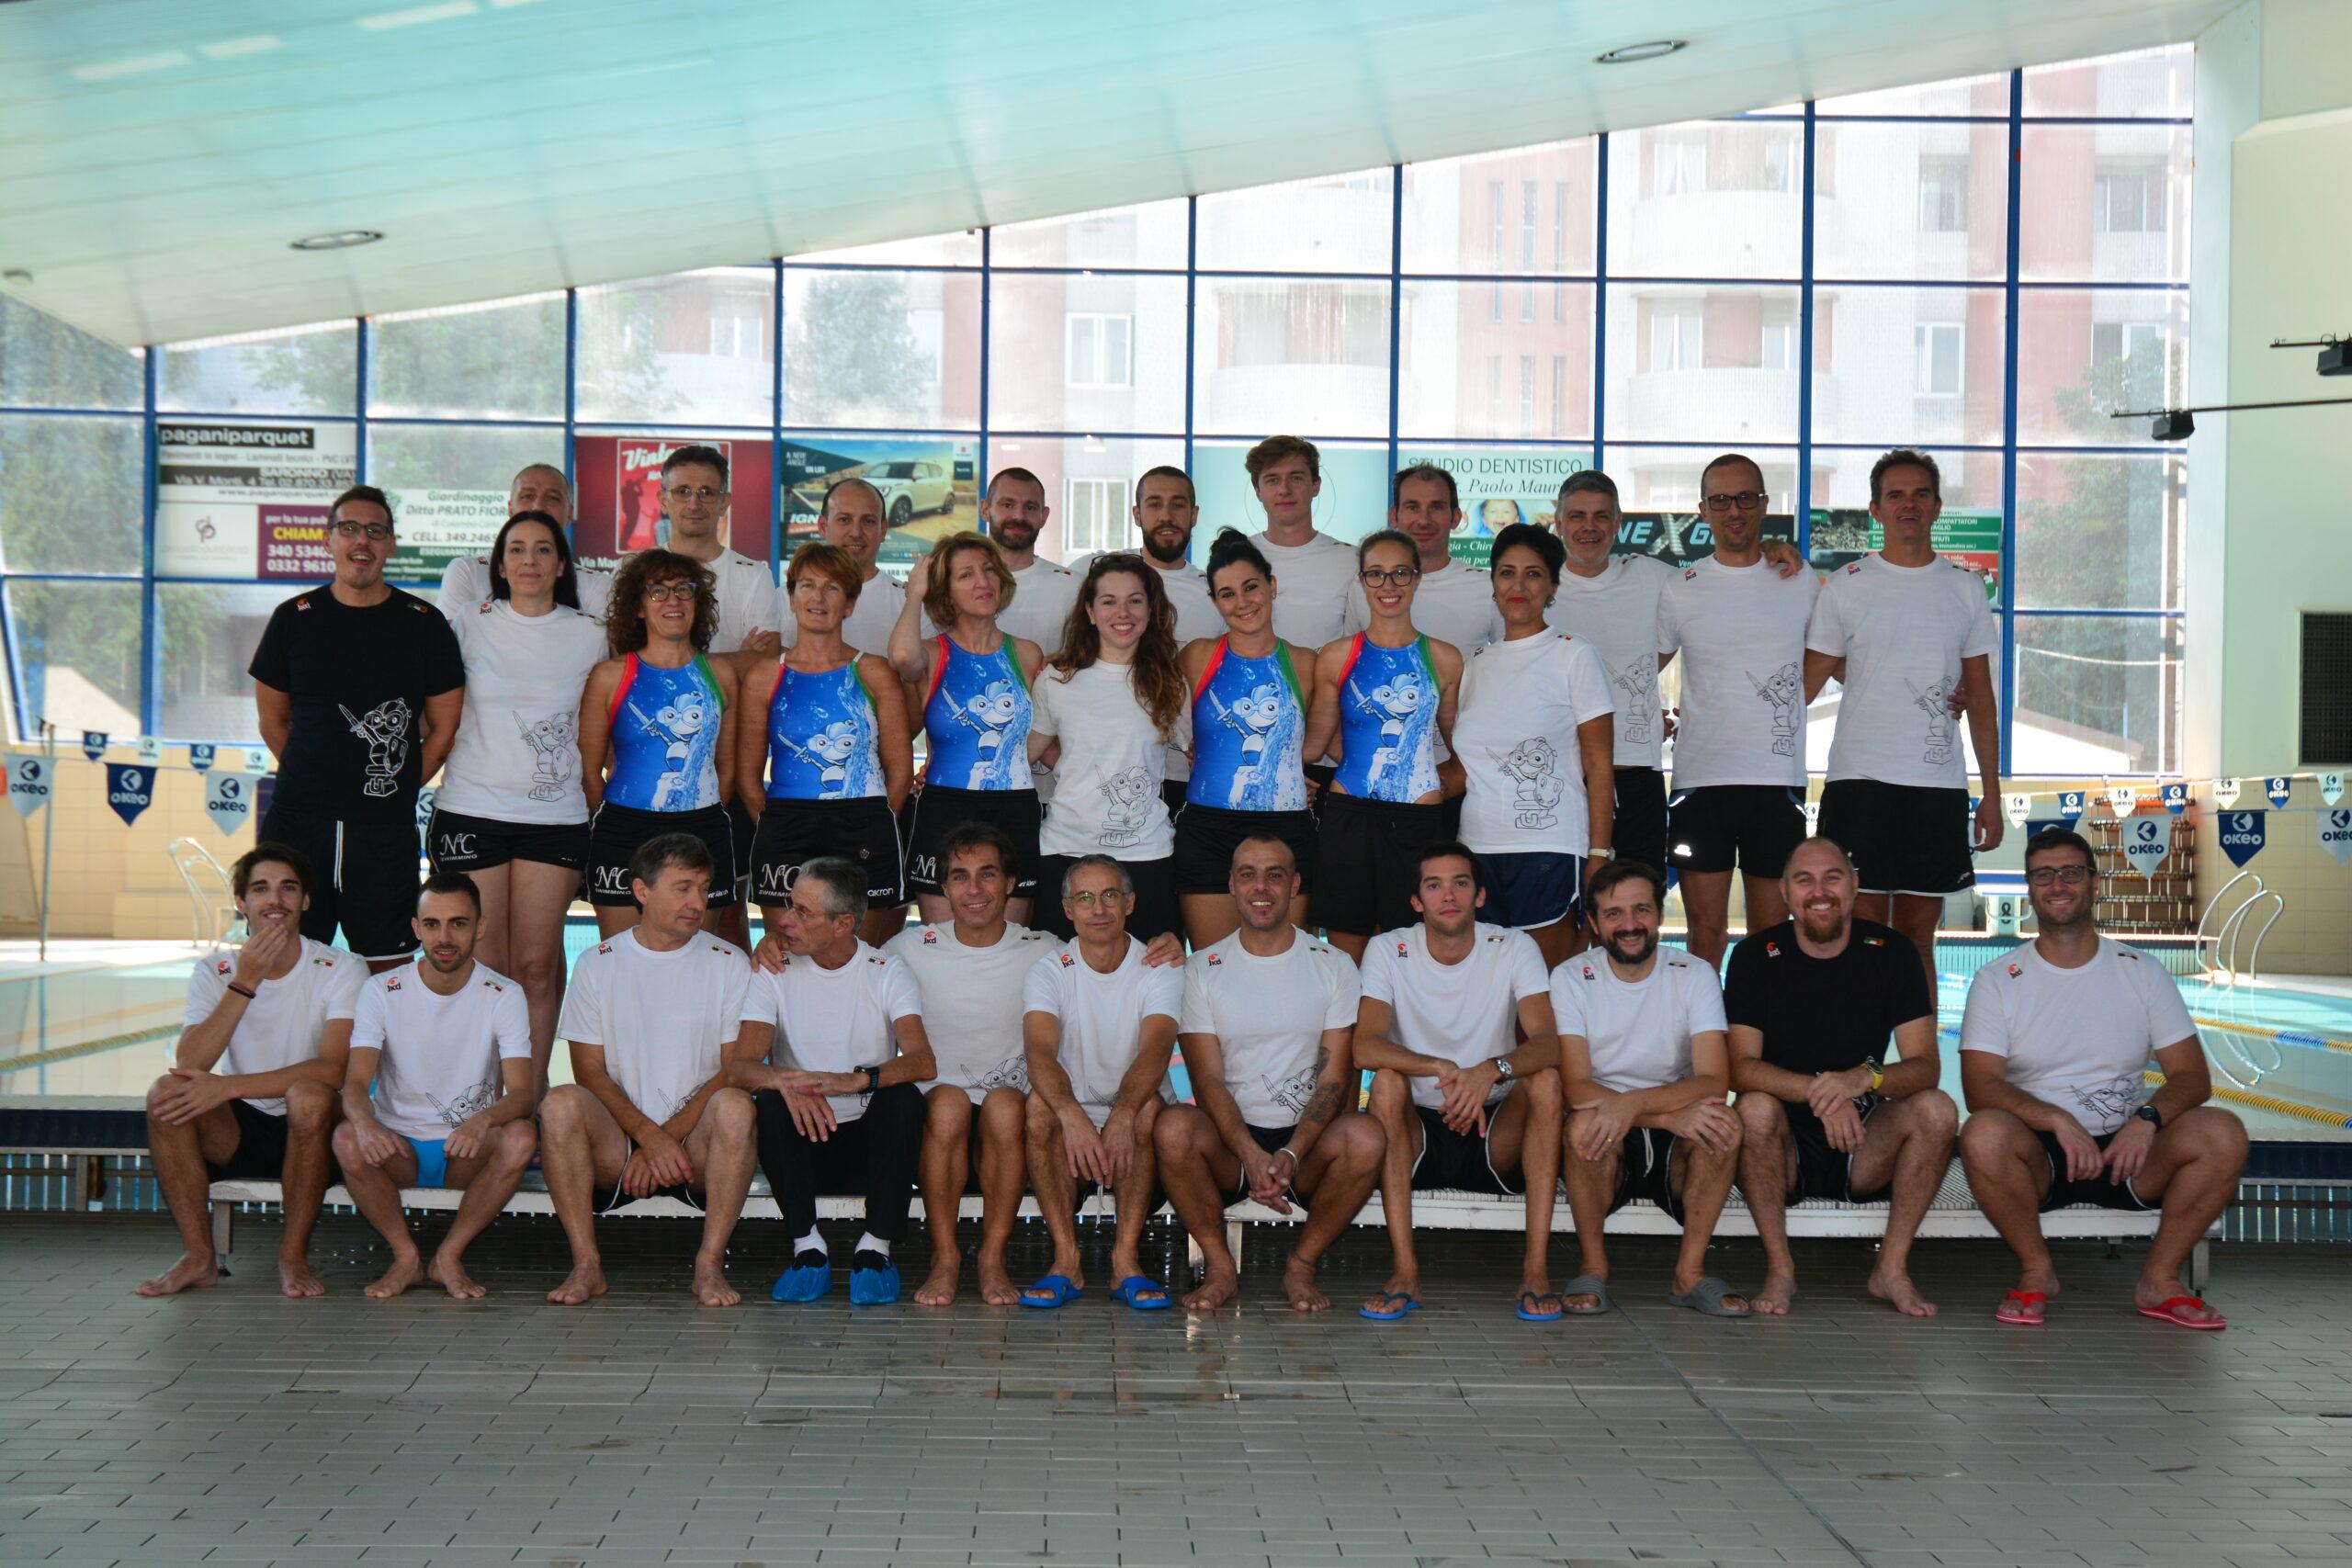 Report: primi Mesi di attività ASD Nuotatori del Carroccio